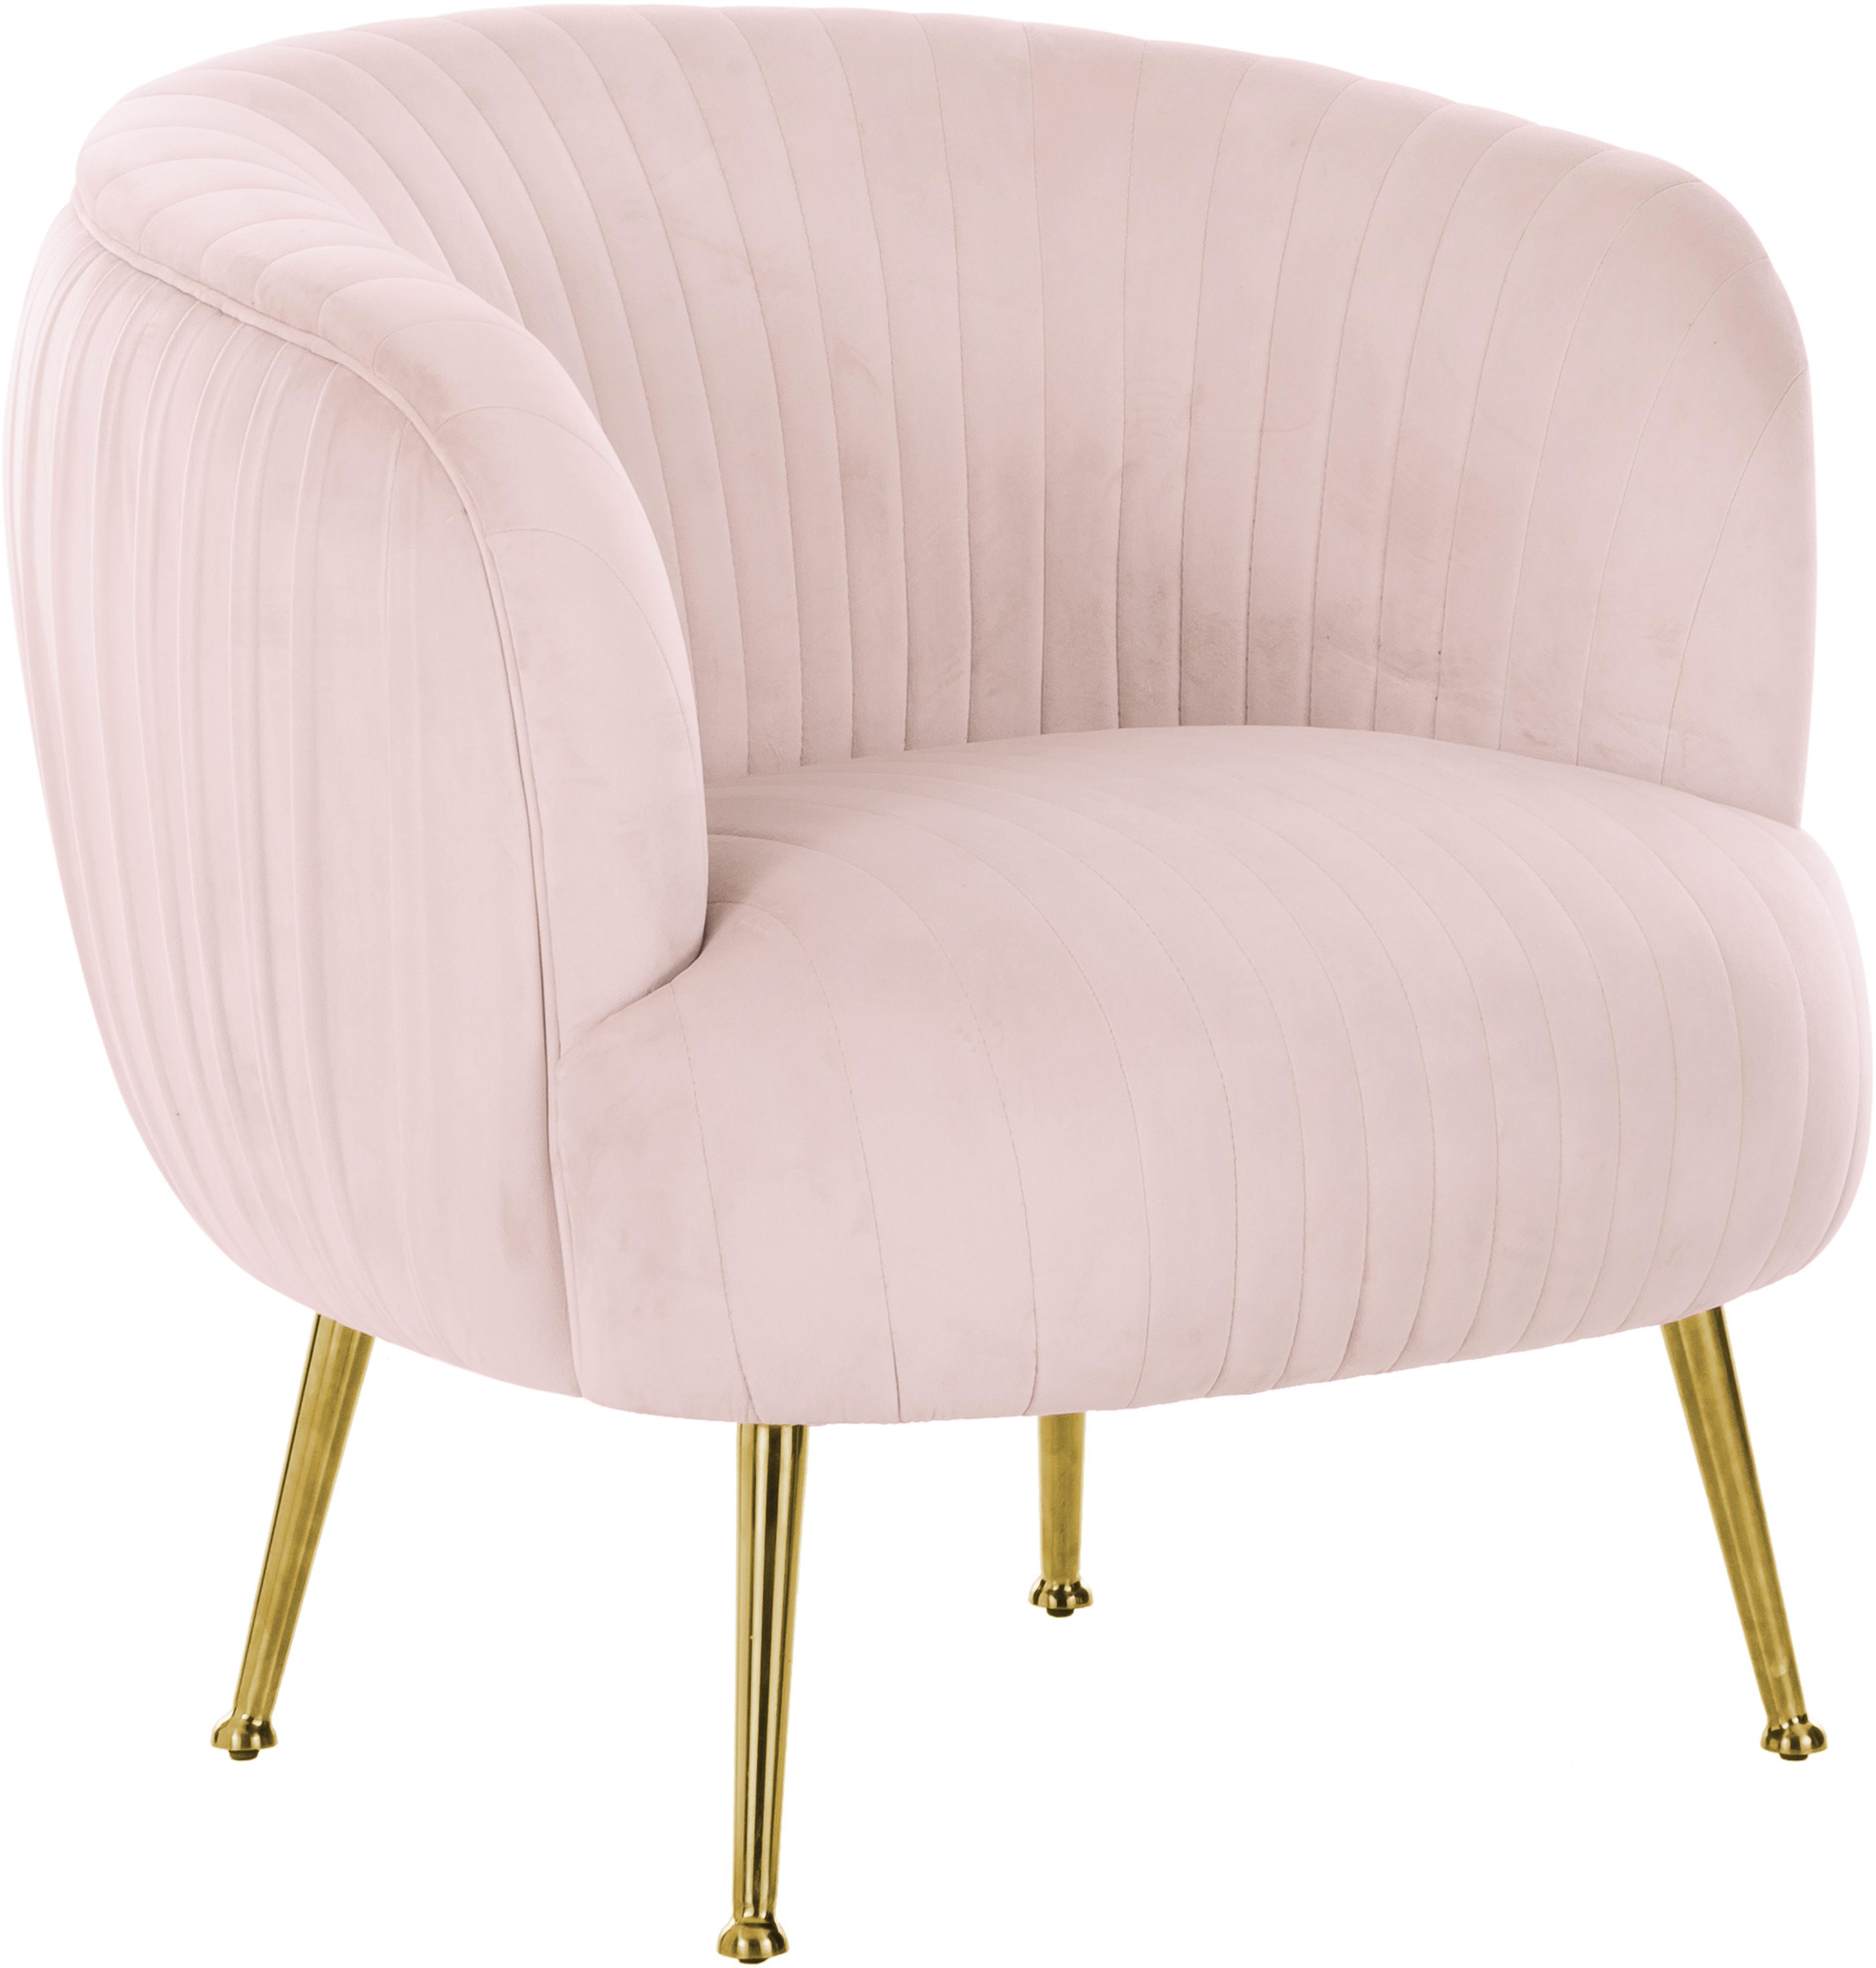 Fluwelen fauteuil Cara, Bekleding: fluweel (polyester), Frame: massief berkenhout, spaan, Poten: gecoat metaal, Roze, B 76 x D 75 cm